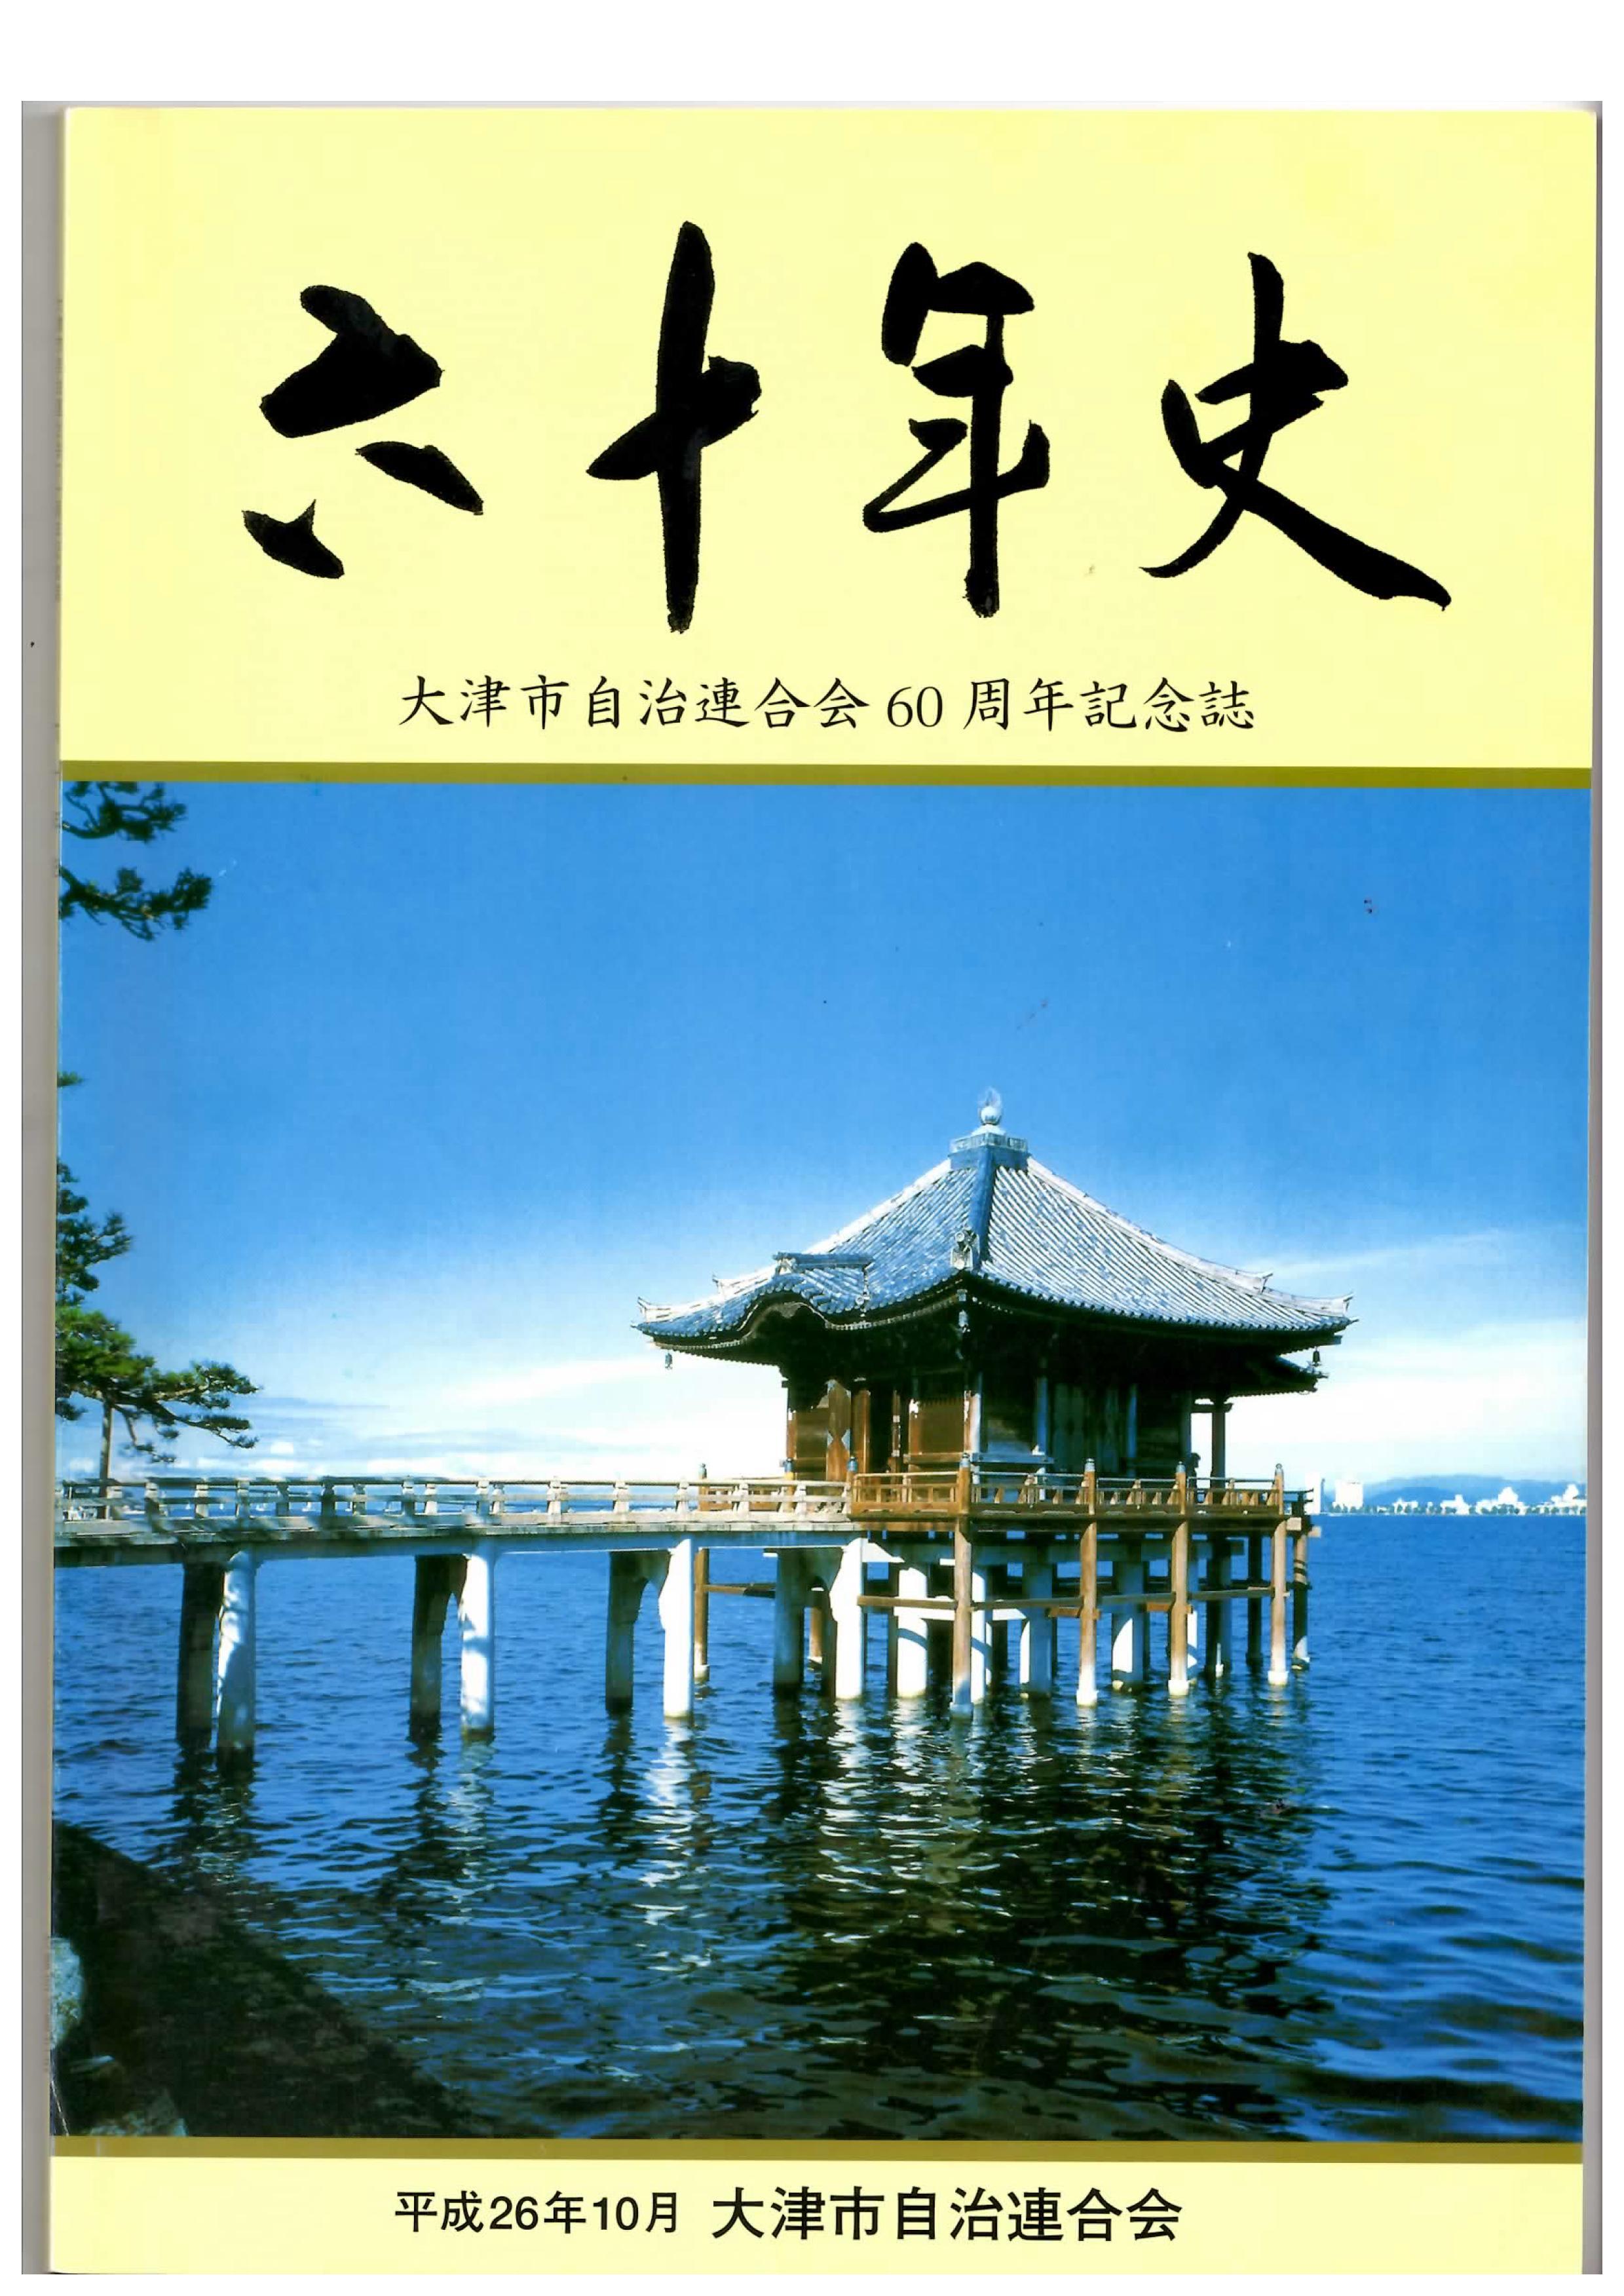 大津市自治連合会/60周年記念冊子(表紙)_01